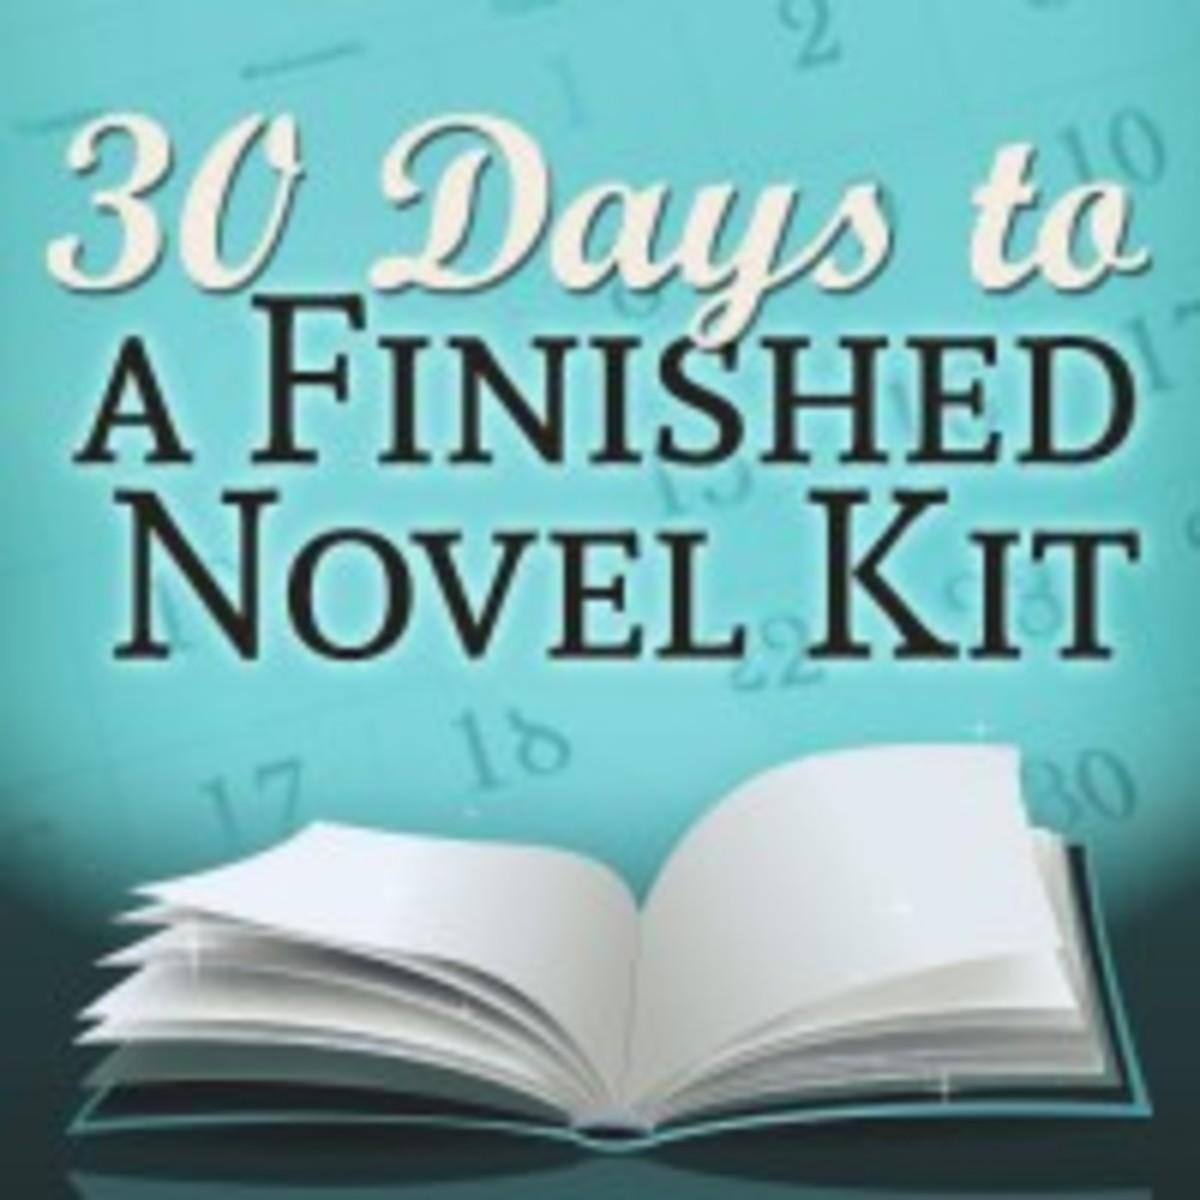 finish_novel_in_30_days